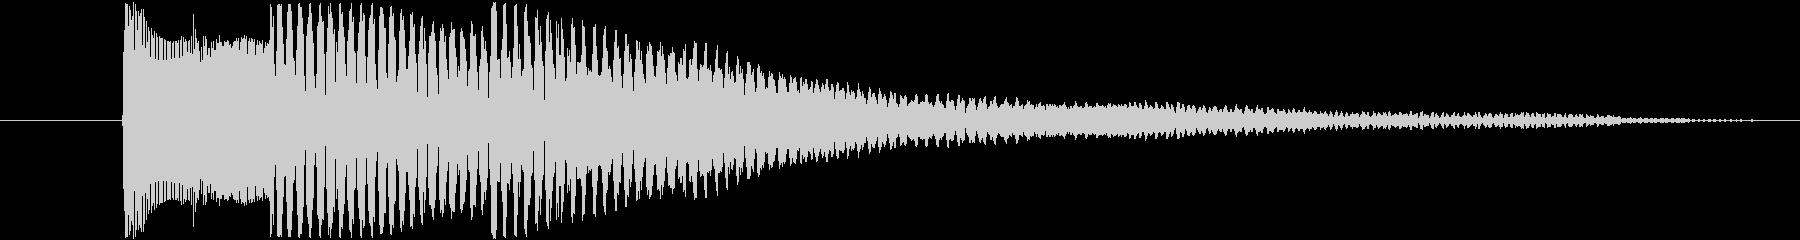 三連符の上昇音/正解◯/決定 場面転換の未再生の波形